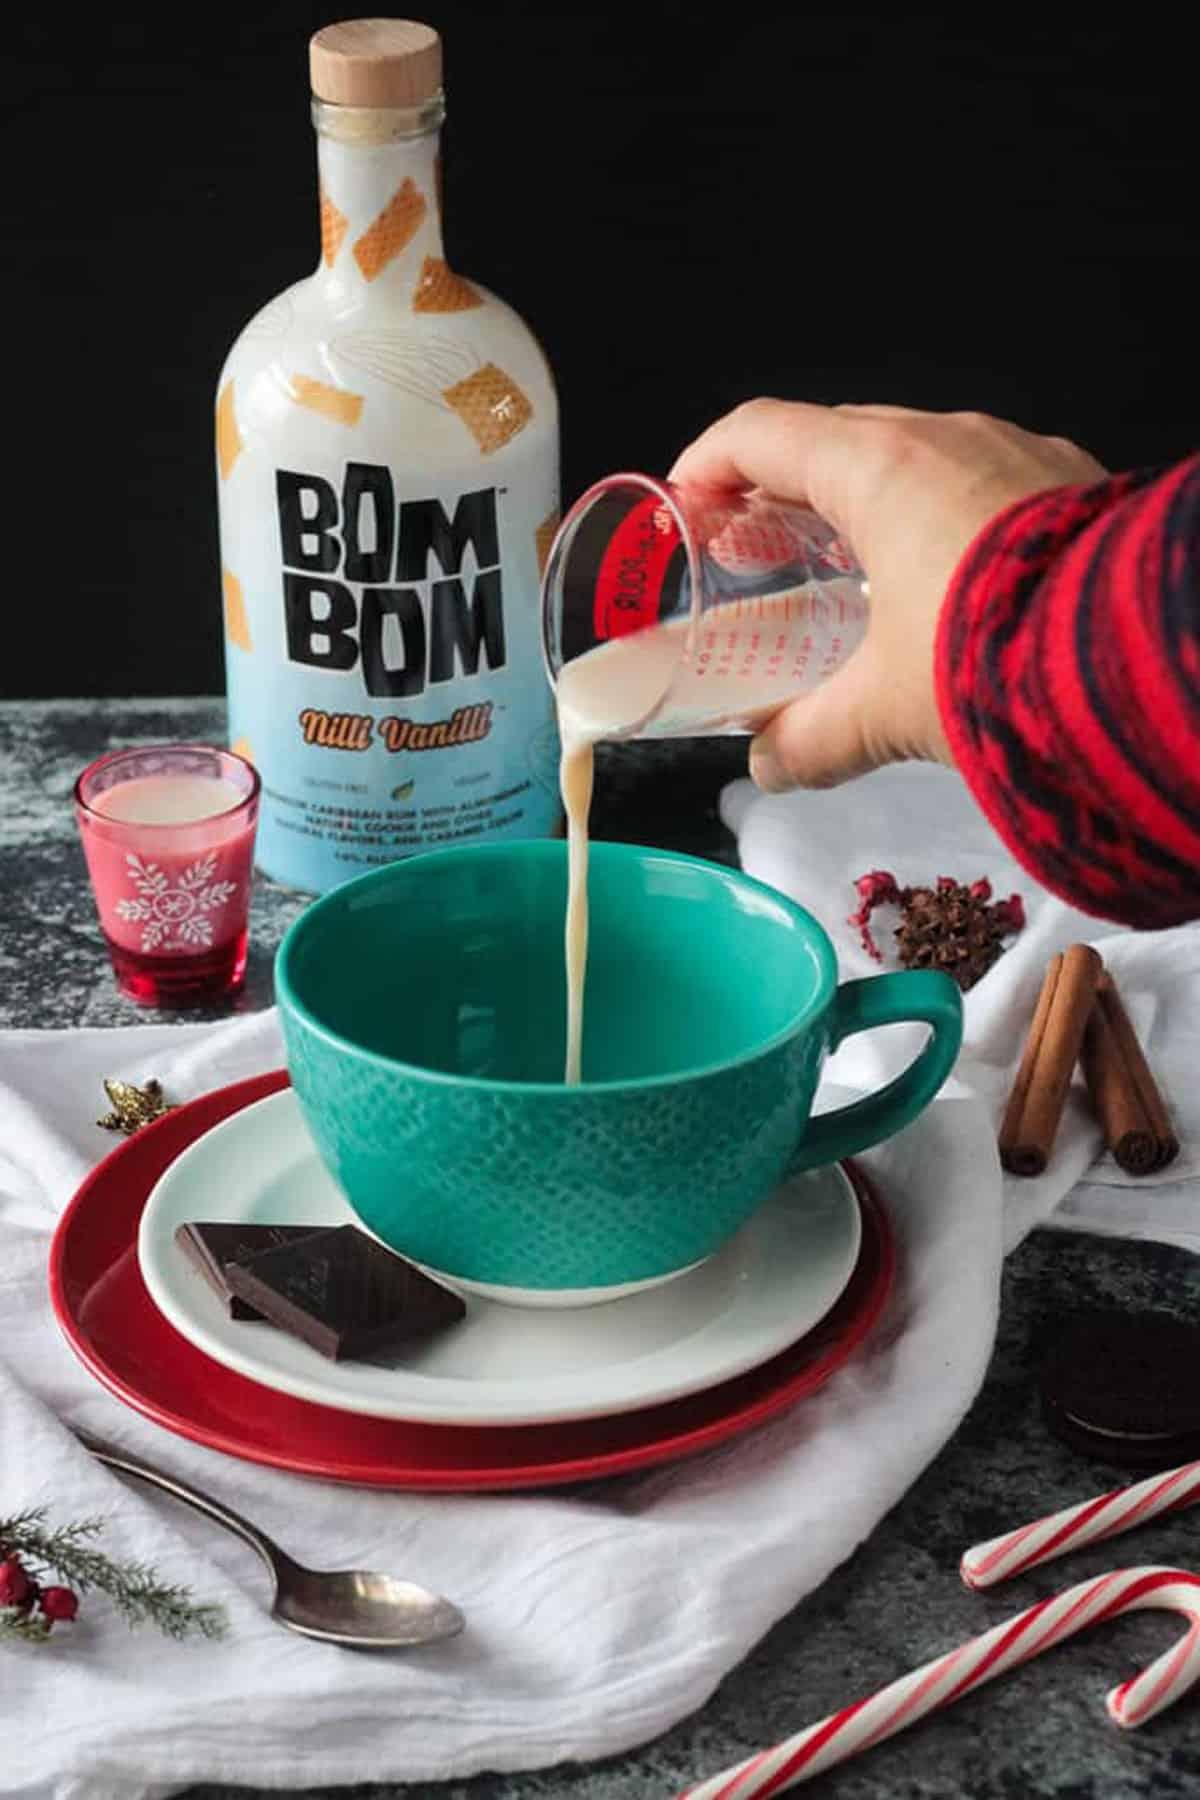 Hand pouring a shot of almond milk rum liquor into a blue mug.